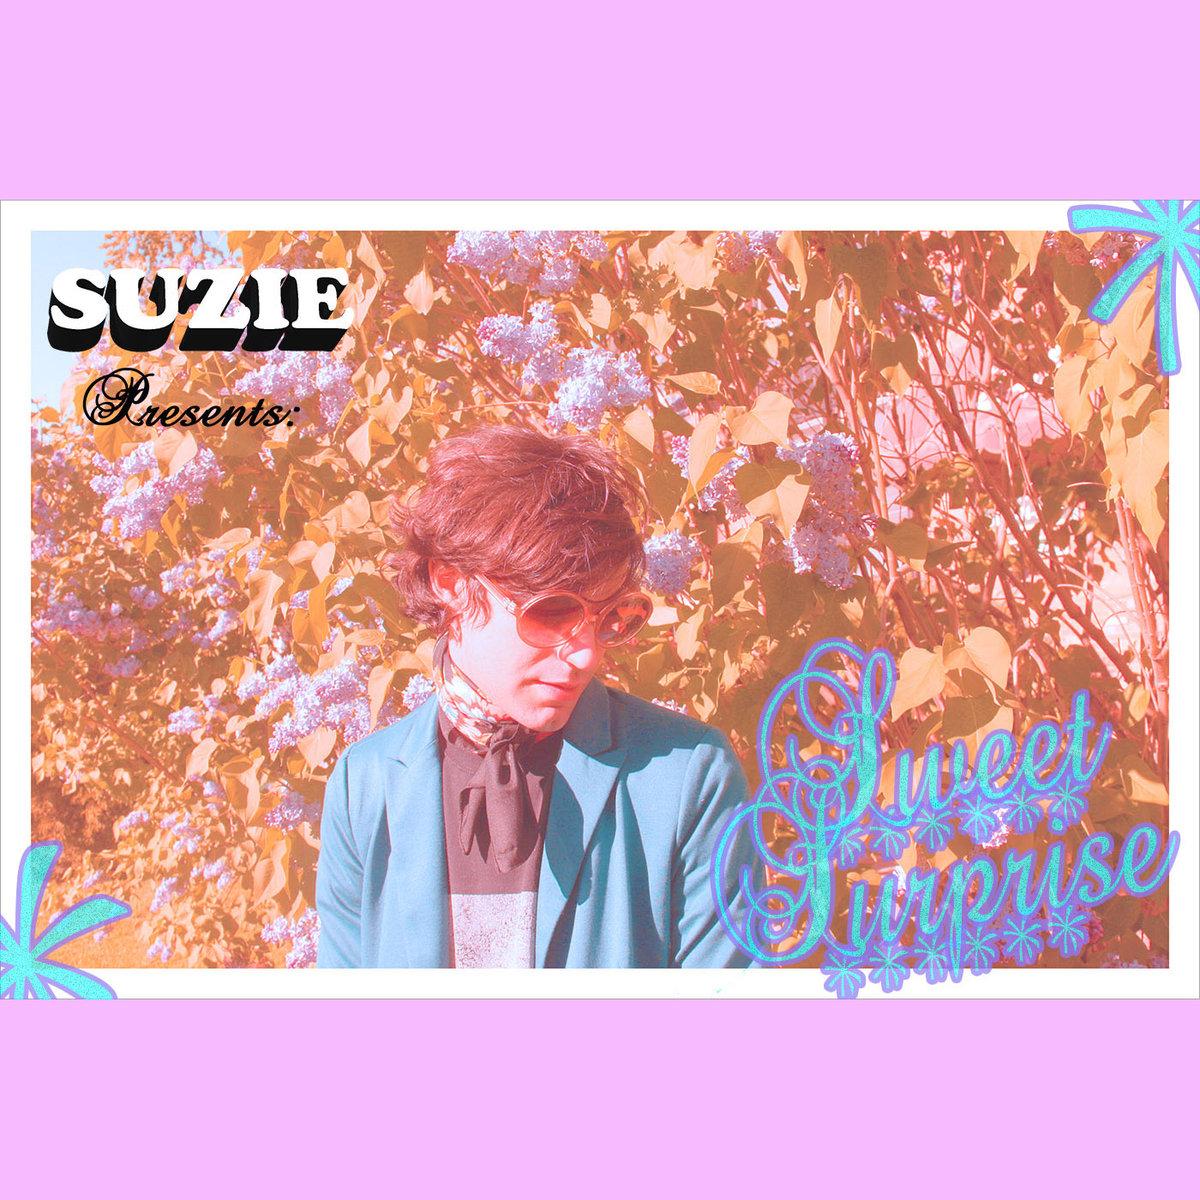 suzie sweet suprise